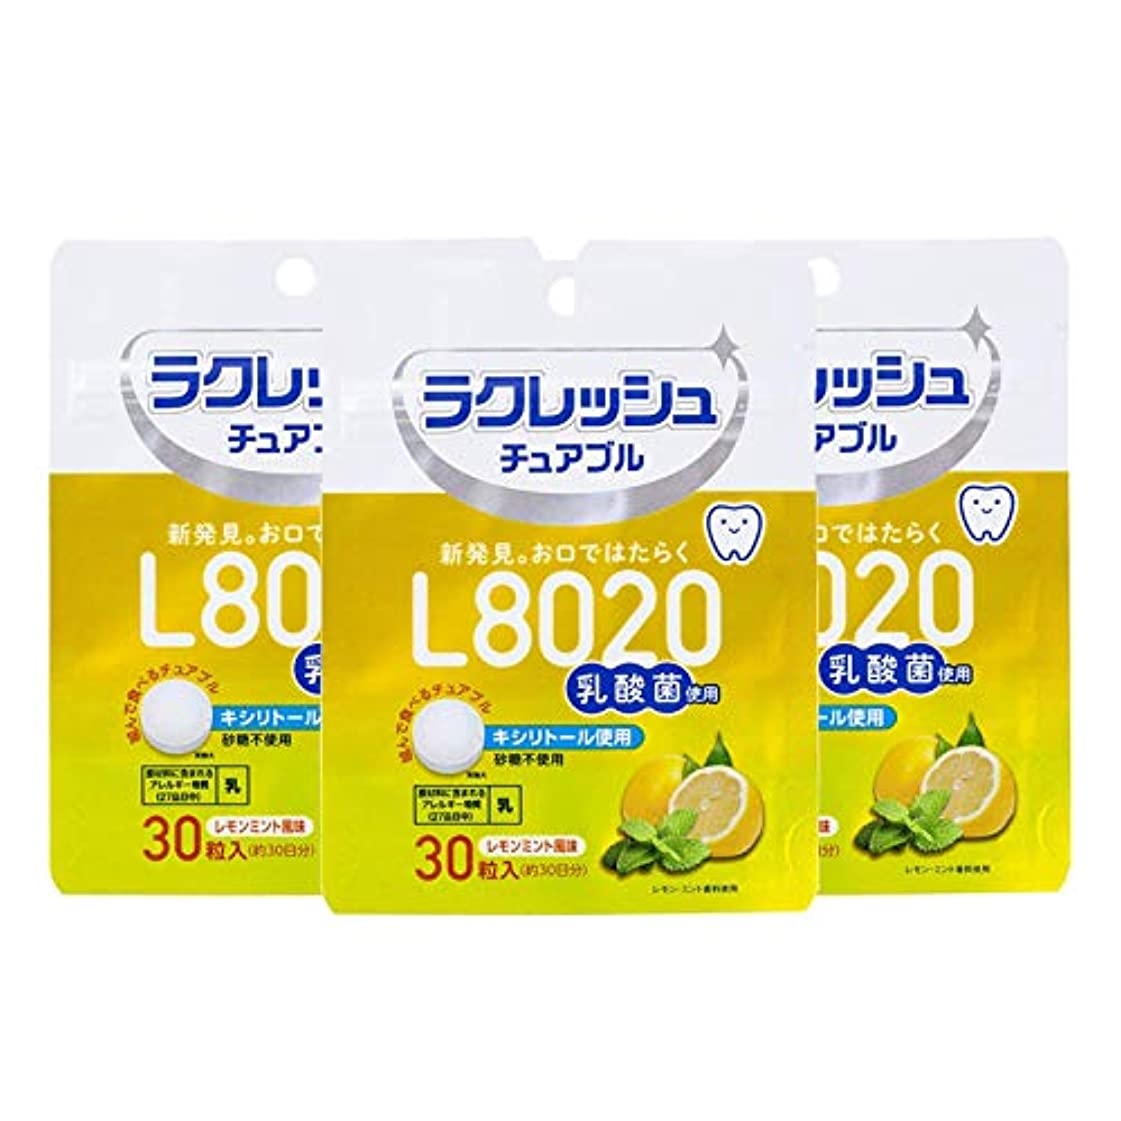 植物の基礎重荷L8020乳酸菌ラクレッシュ チュアブル レモンミント風味(30粒) 3袋 タブレット